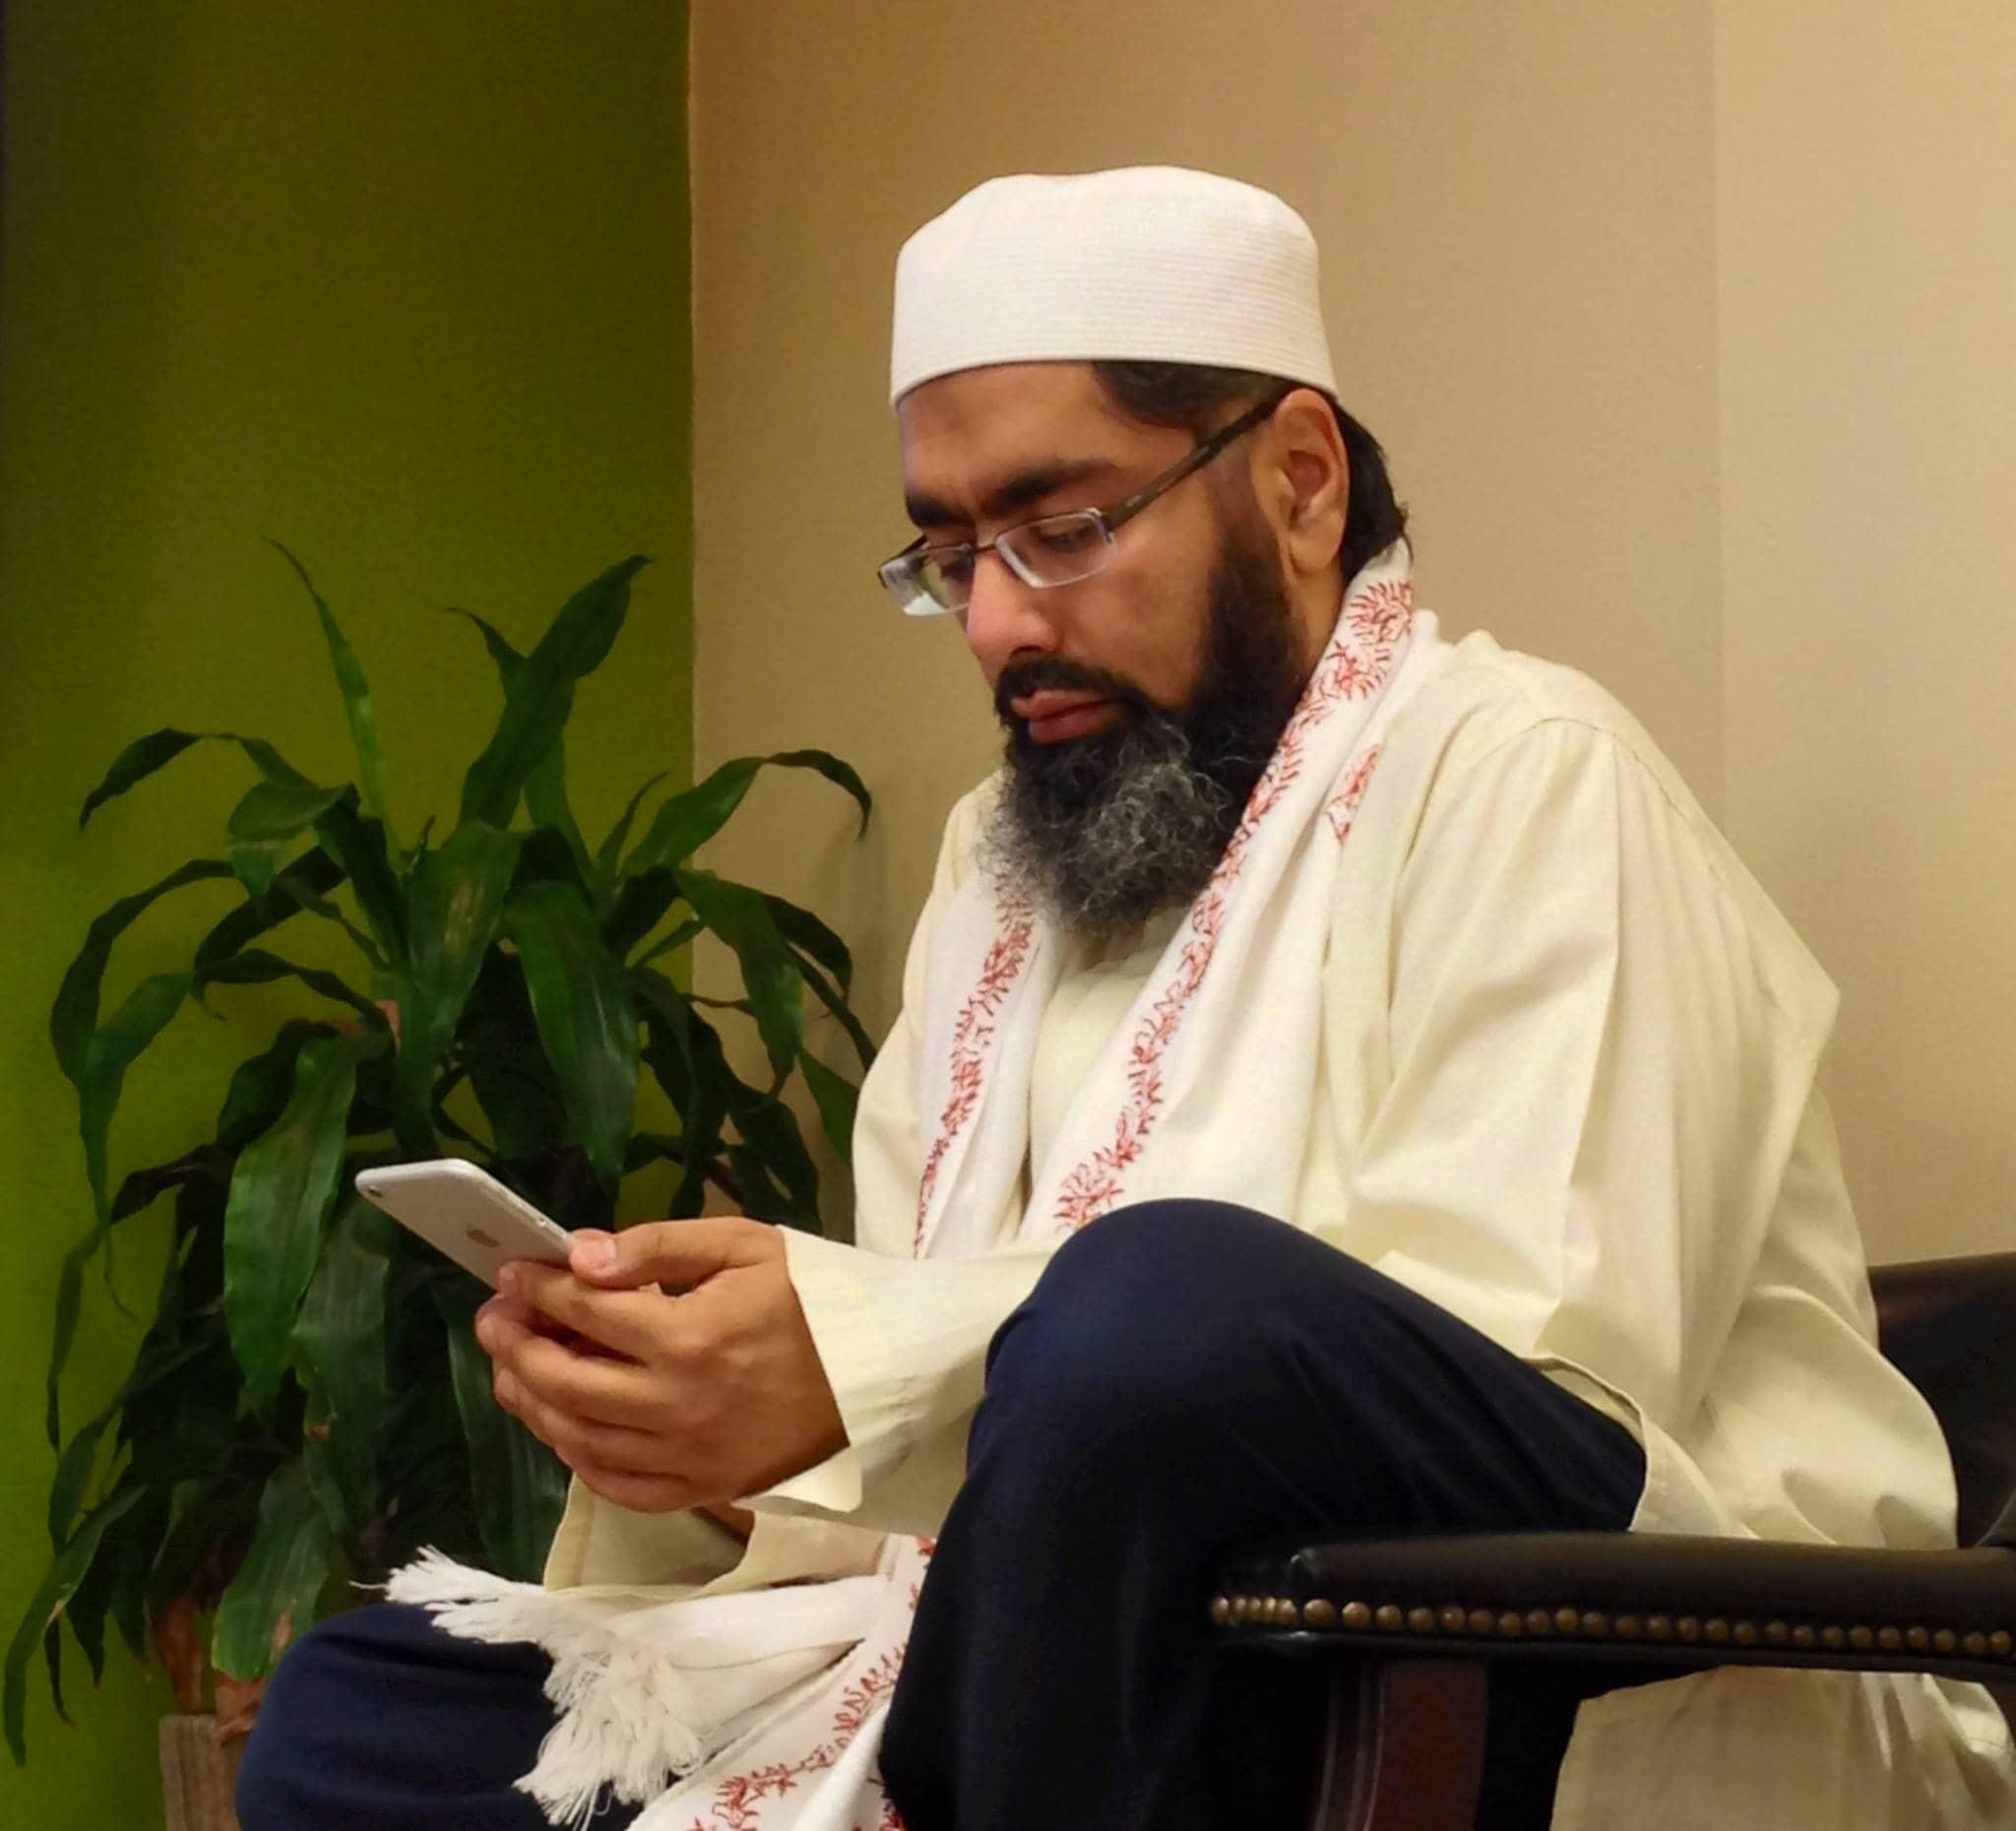 Faraz Rabbani